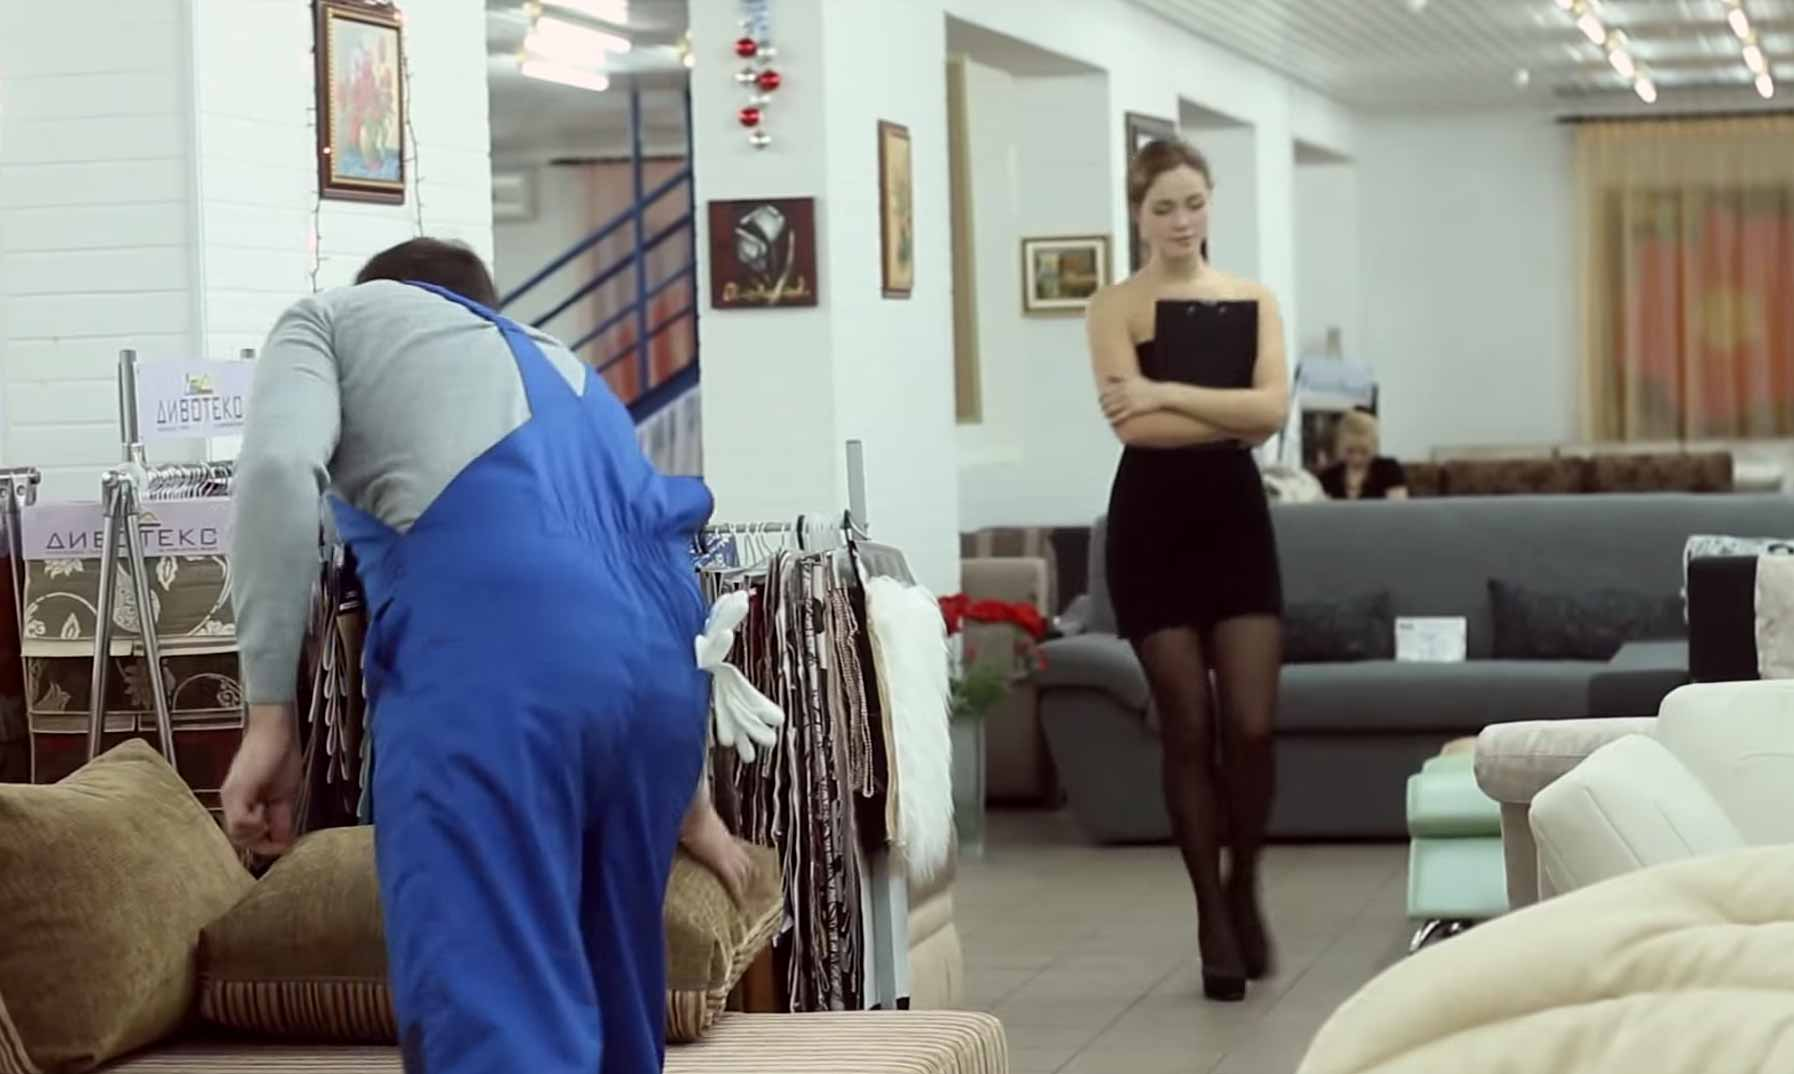 Развели на секс в попу смотреть онлайн, Русскую Развели На Анальный Секс (найдено 40 порно.) 27 фотография